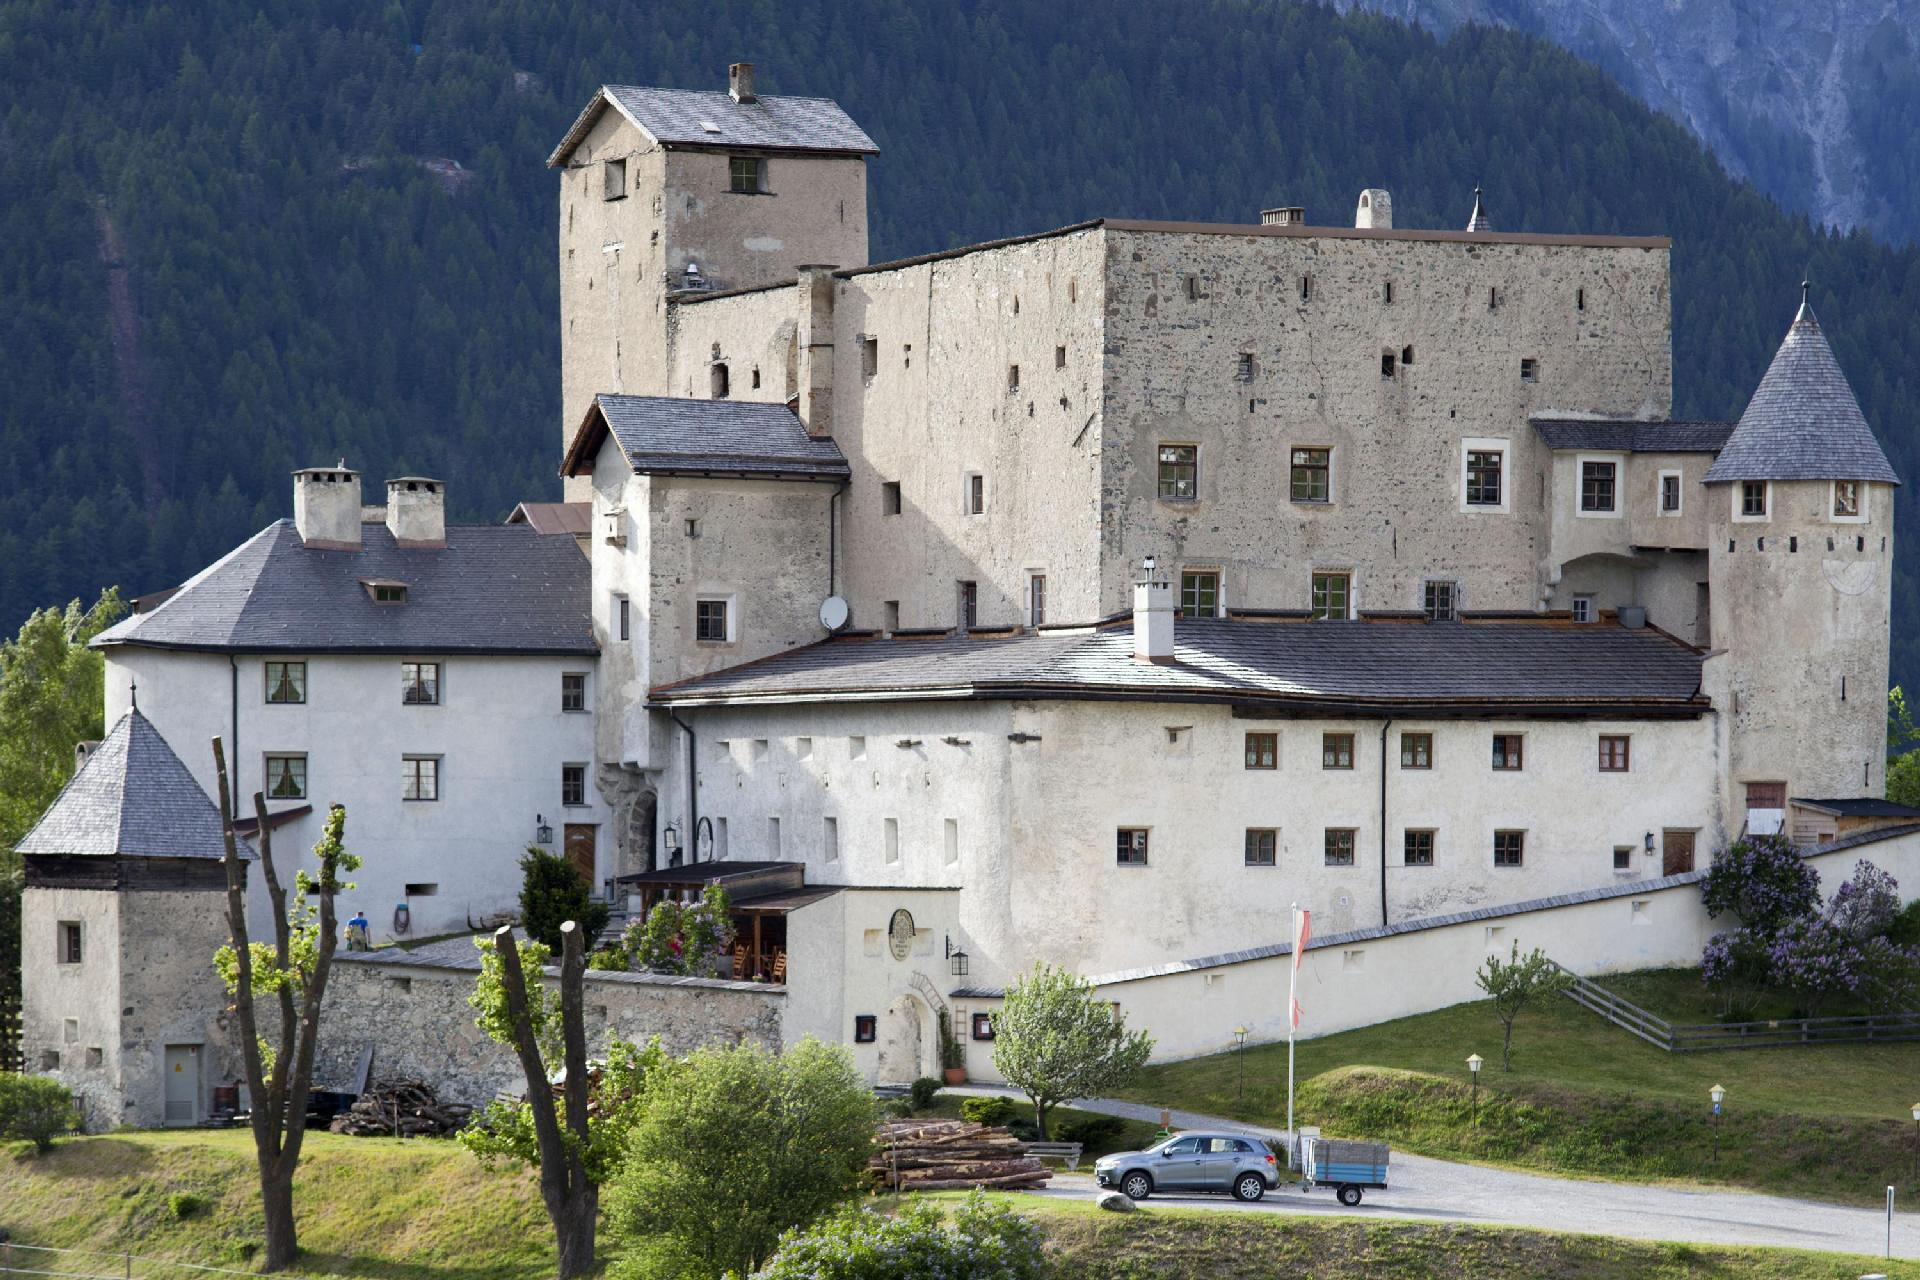 Ferienwohnung für 4 Personen ca. 70 m² i Besondere Immobilie